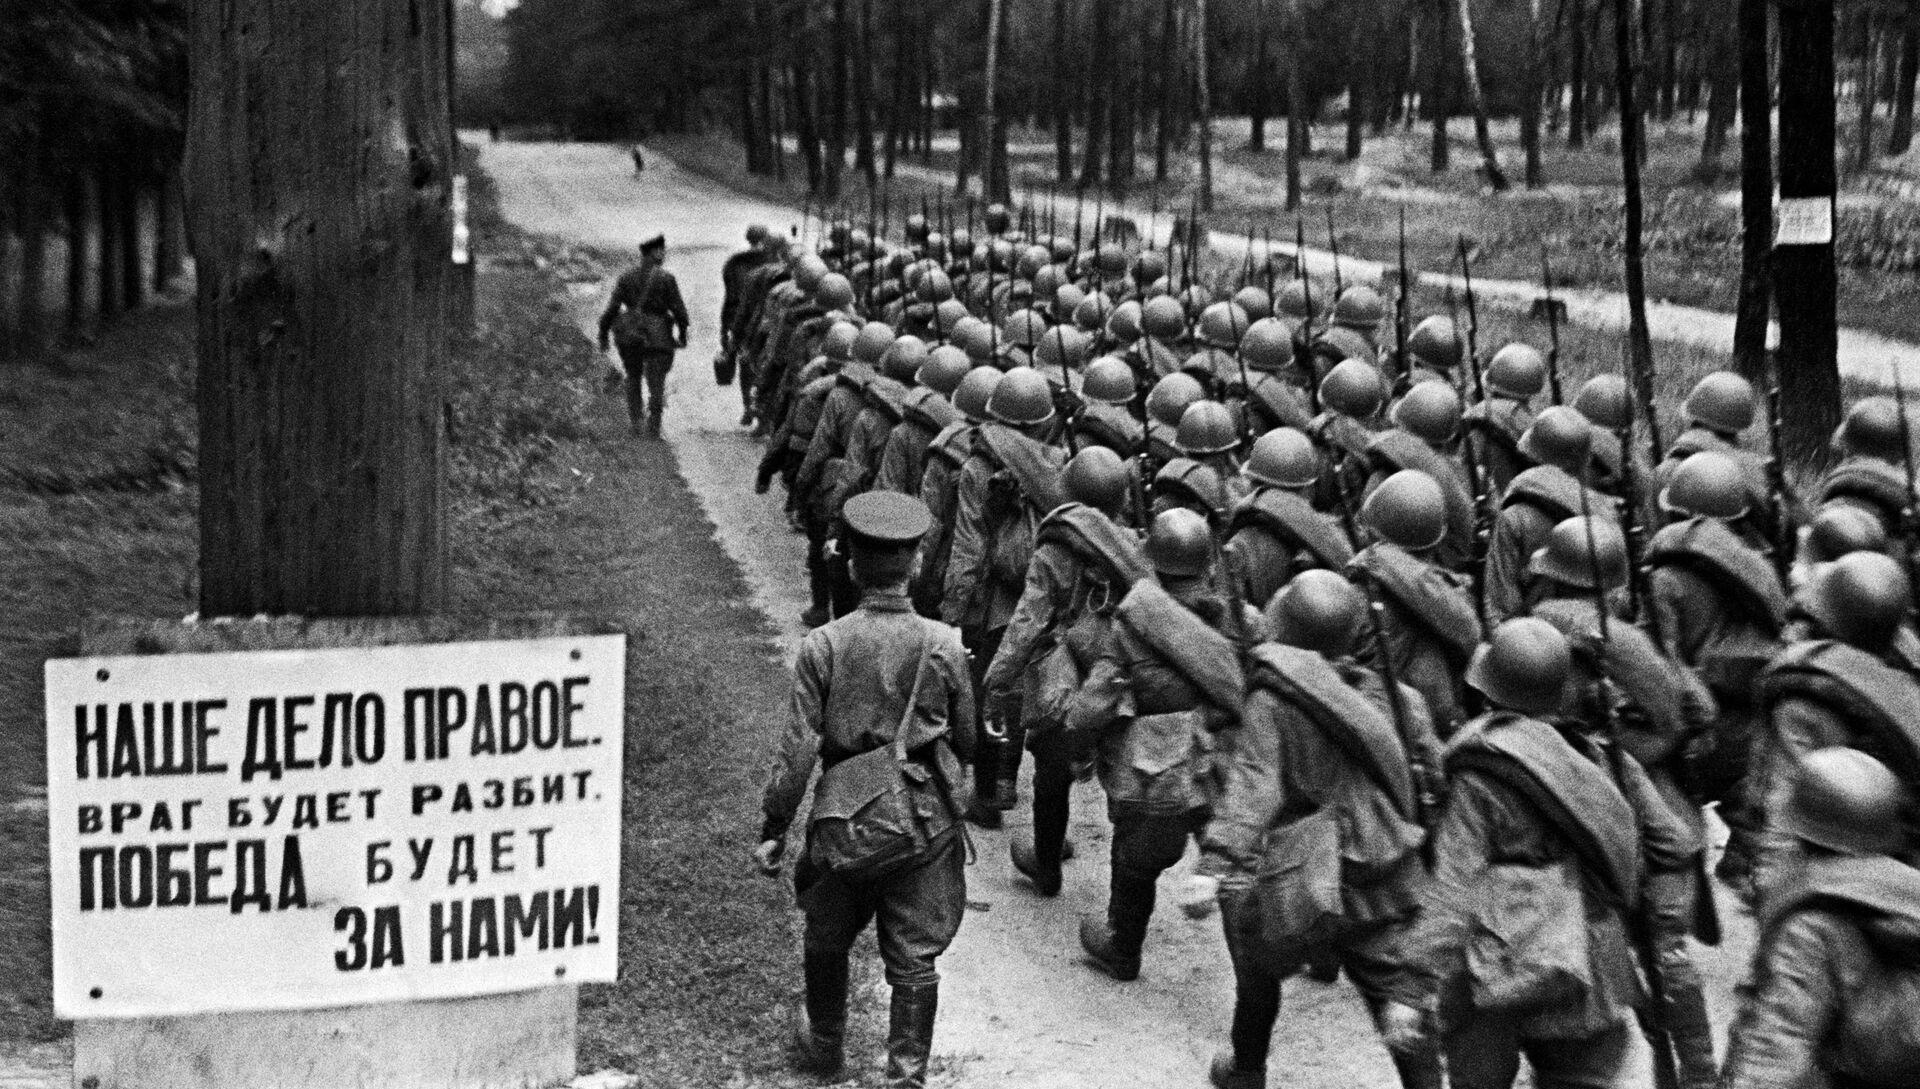 Колонны бойцов движутся на фронт из Москвы, 23 июня 1941 года - РИА Новости, 1920, 17.06.2021